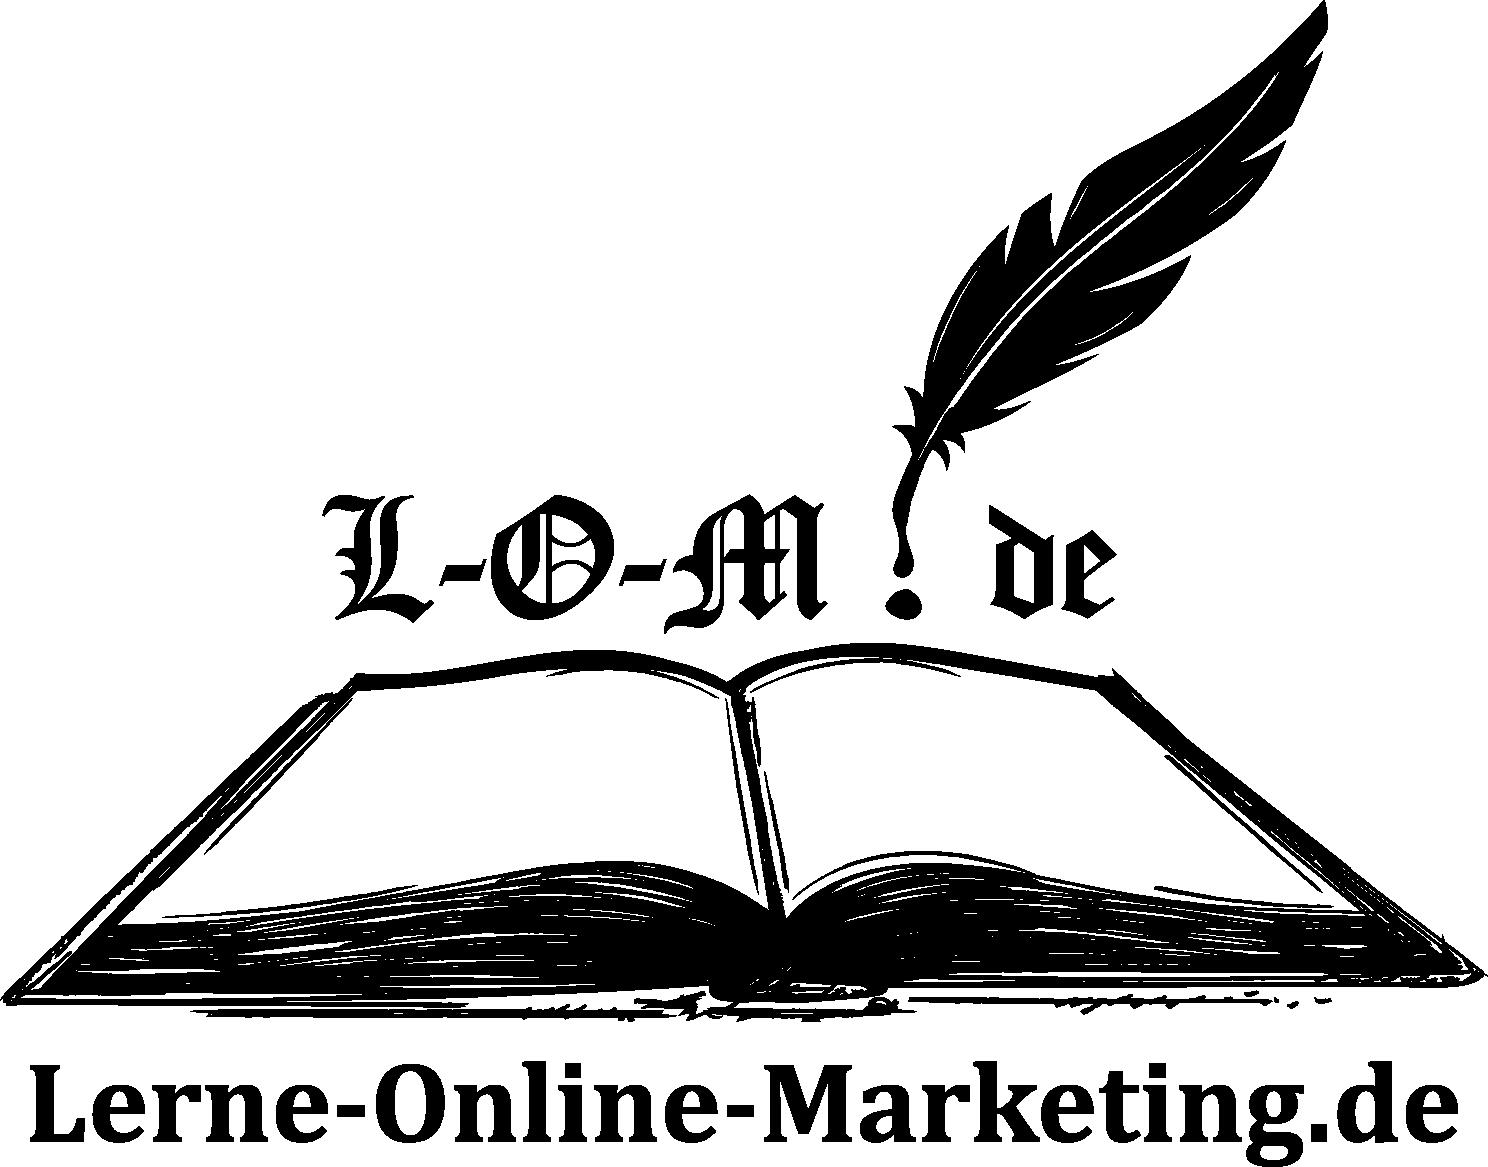 L-O-M.de Logo